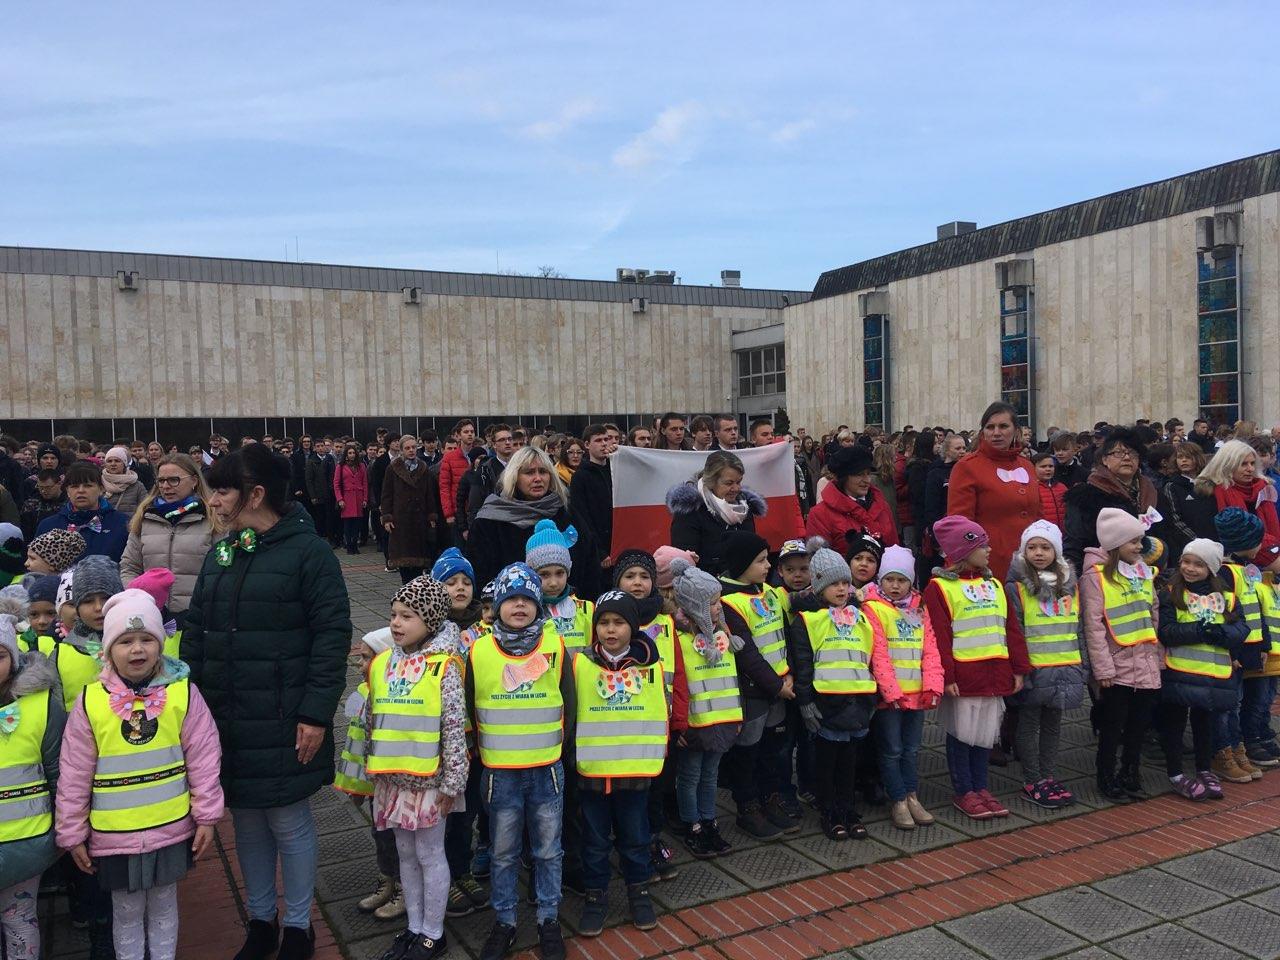 szkoły stanęły do hymnu gniezno - Rafał Muniak